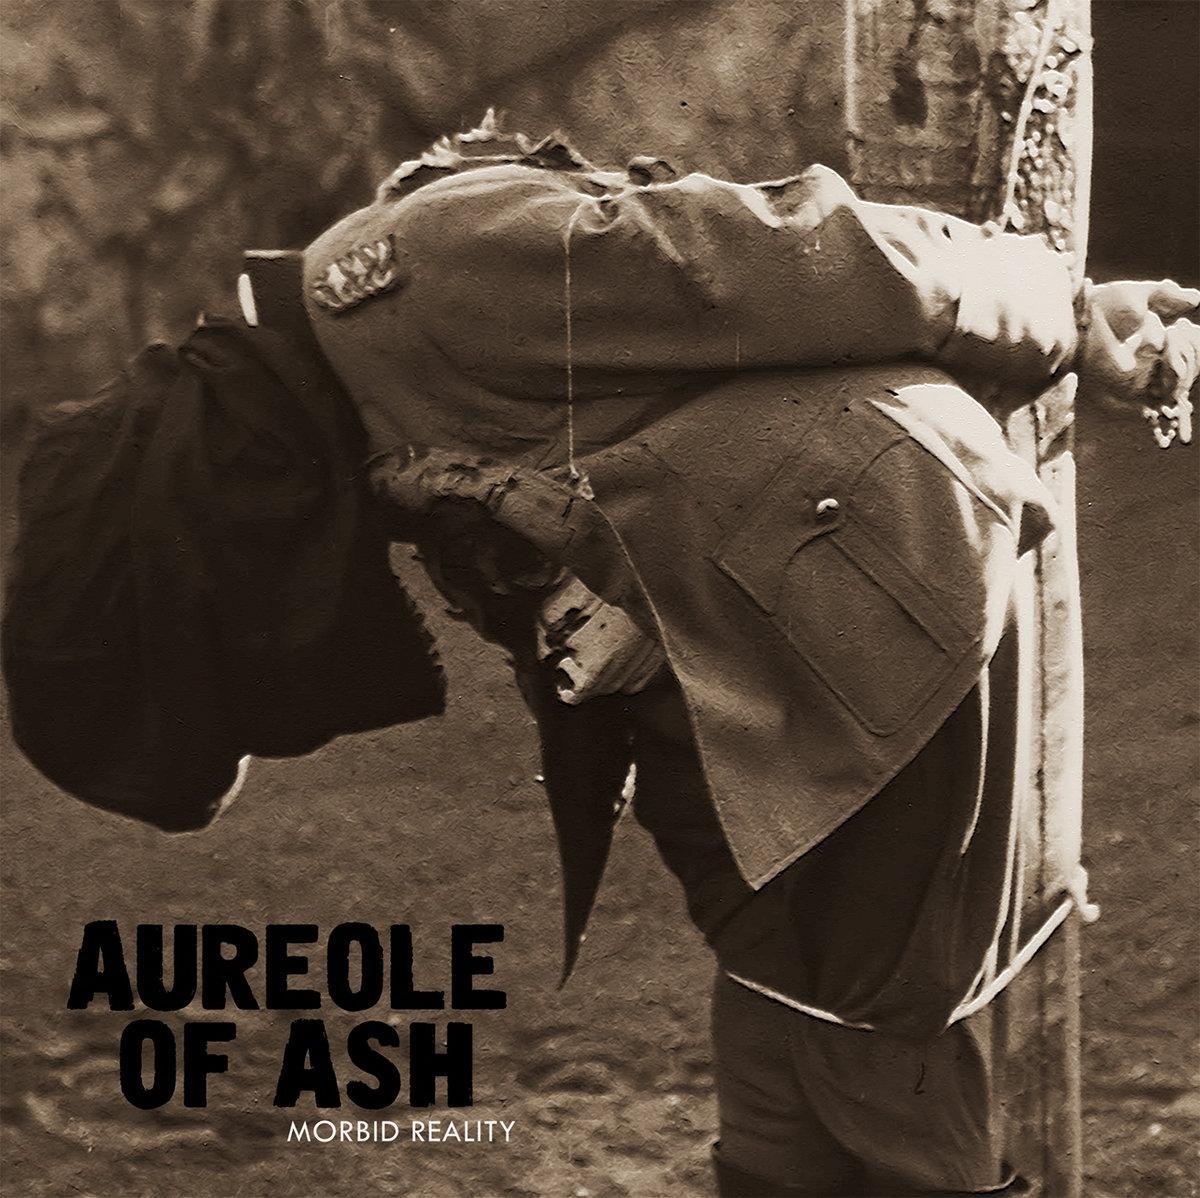 Aureole Of Ash – Morbid Reality